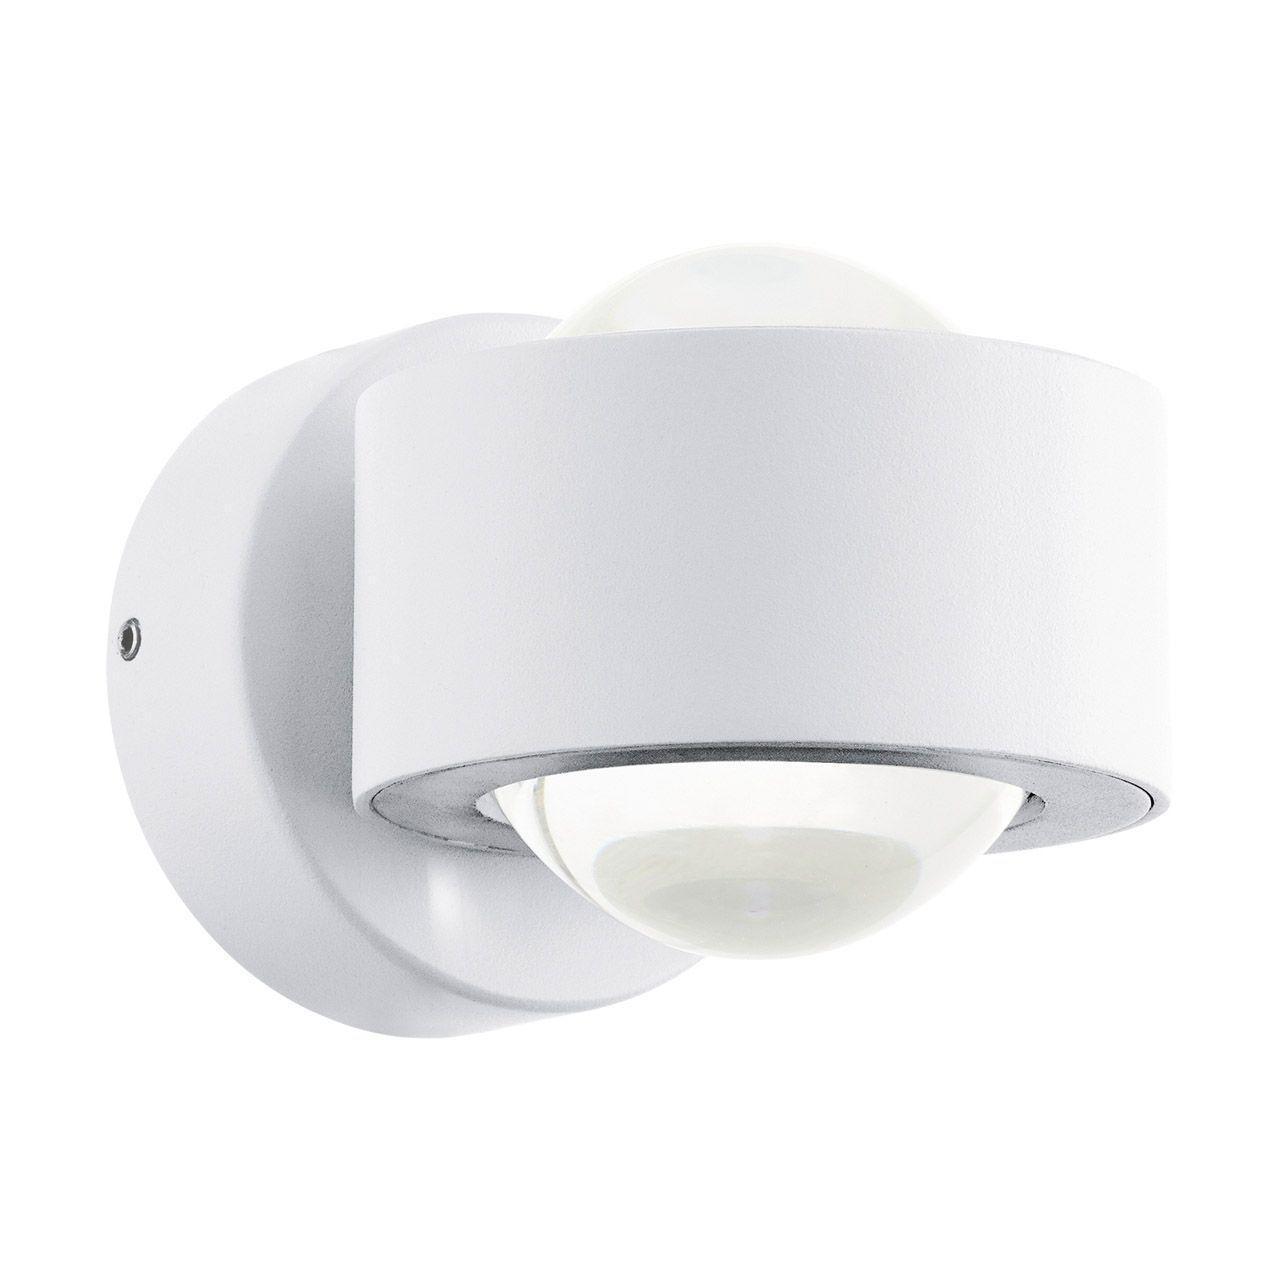 Настенный светильник Eglo 96048, белый eglo 91342